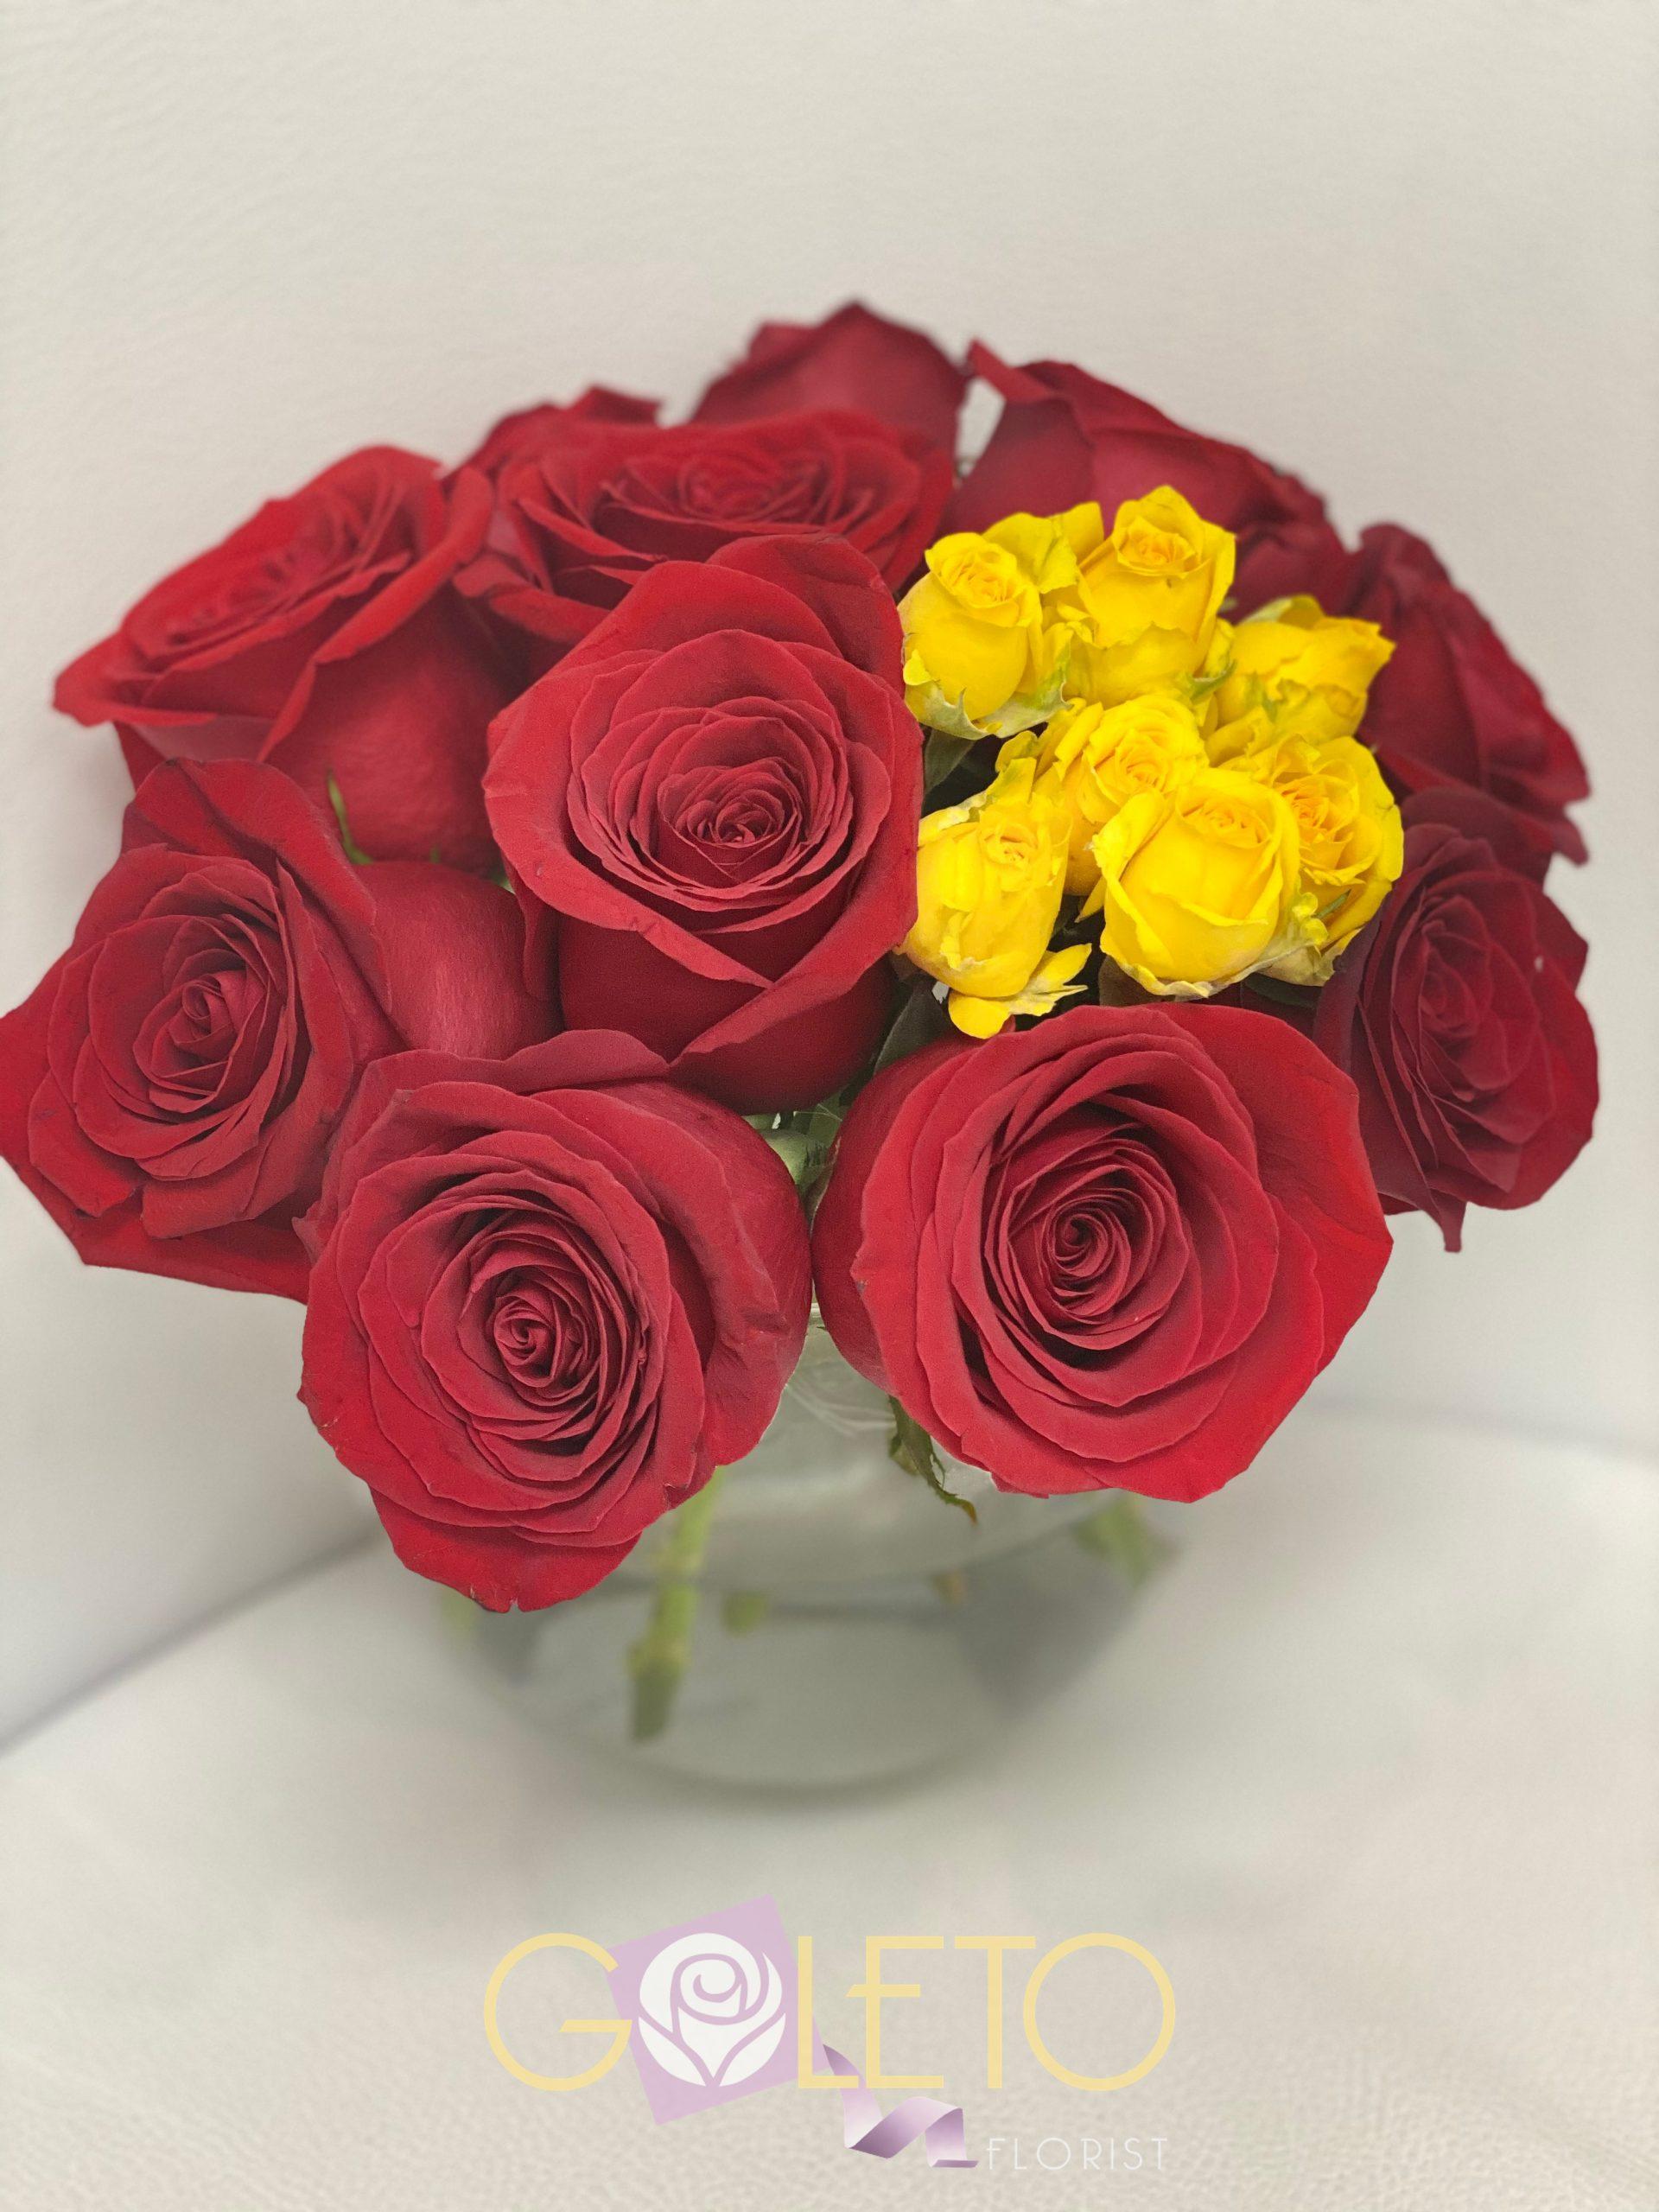 Goleto Birthday Flowers design 34